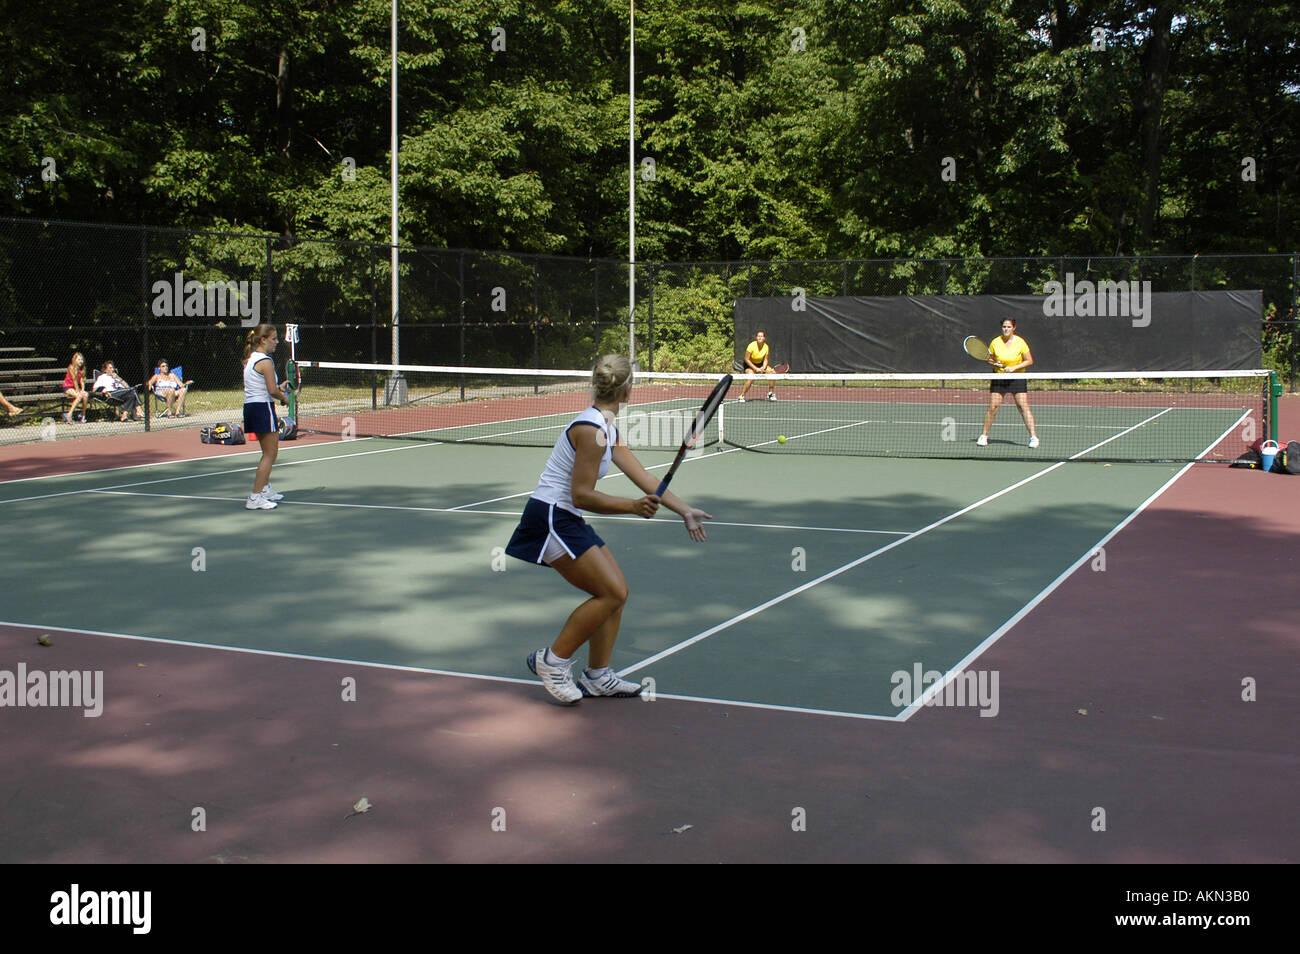 Partido de dobles femenino en un colegio tenis satisfacer Imagen De Stock